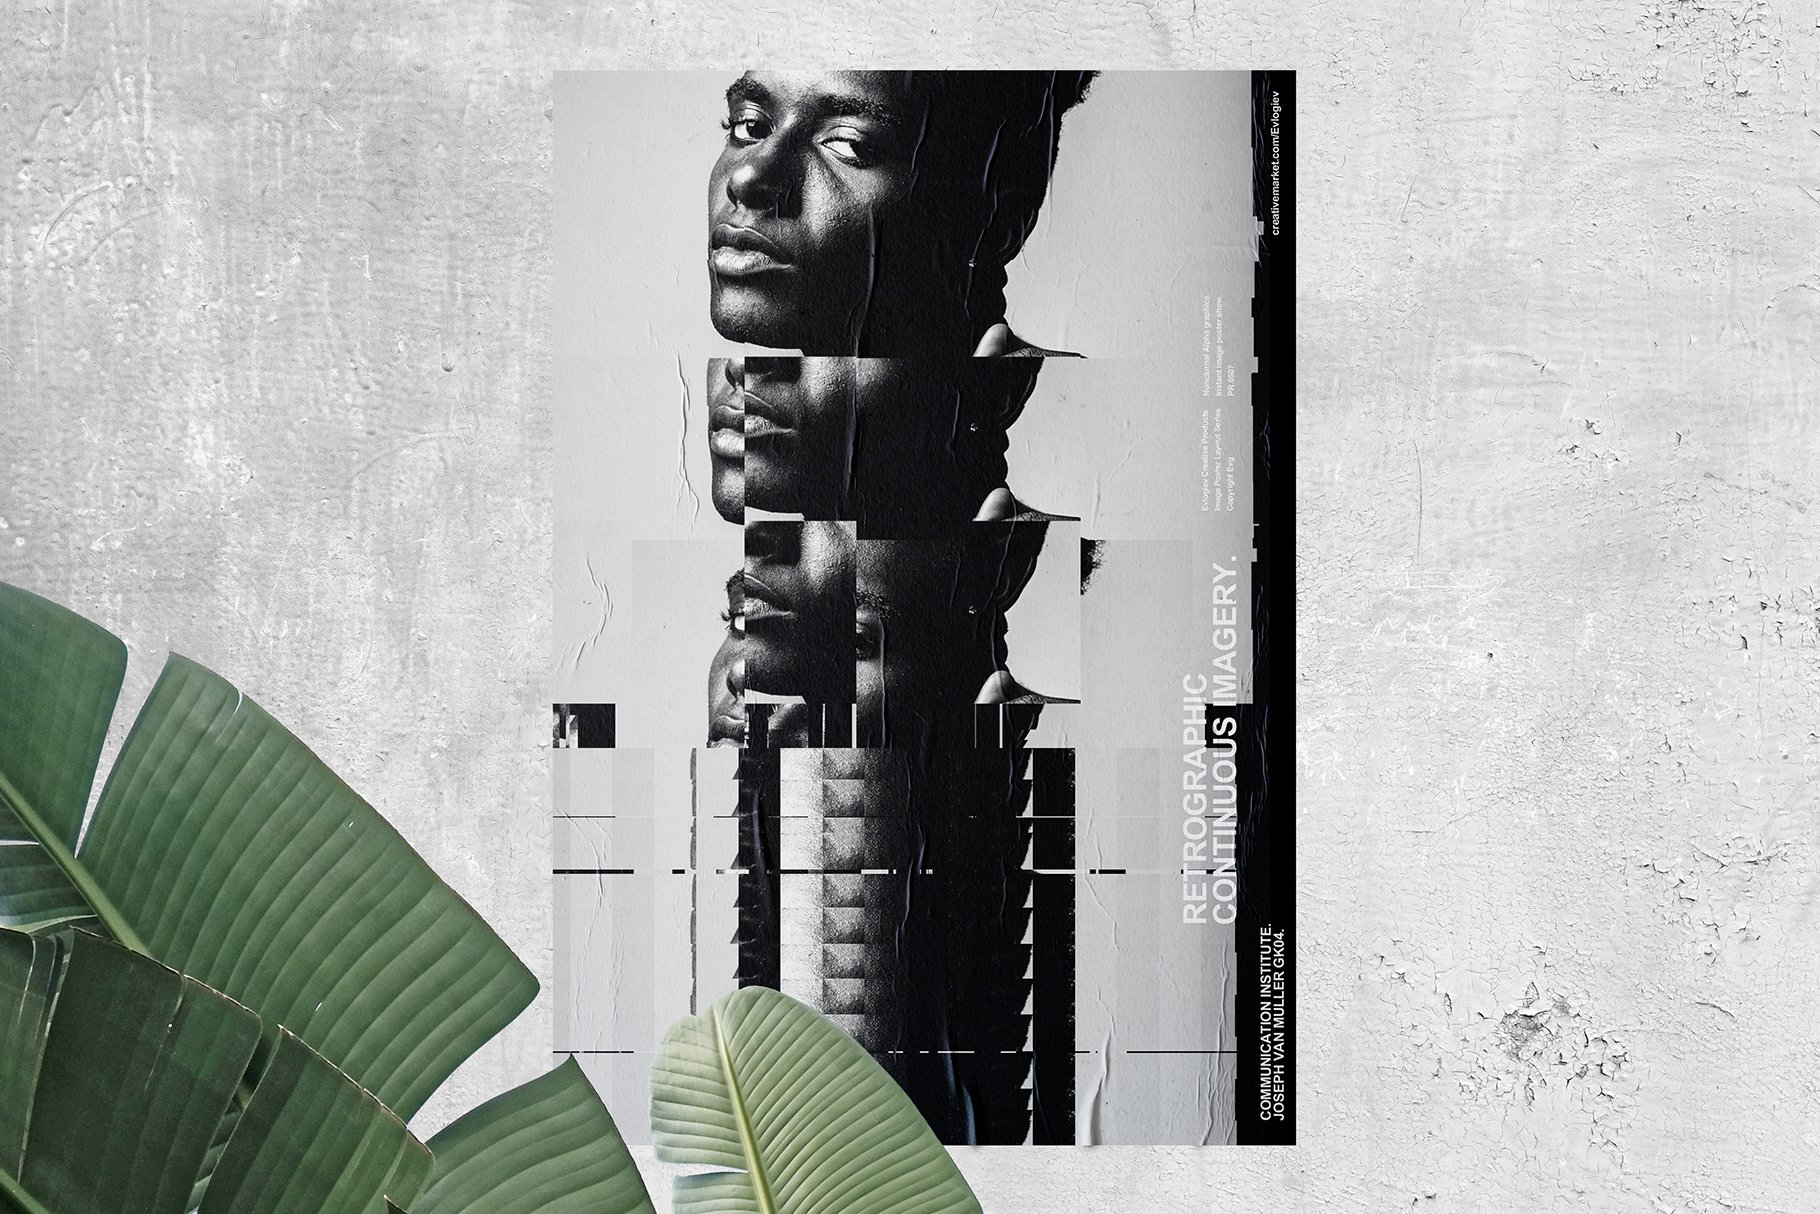 [淘宝购买] 20款抽象扭曲故障主视觉海报图片设计效果PS样式模板 Evlogiev – Distort Image Poster插图(2)